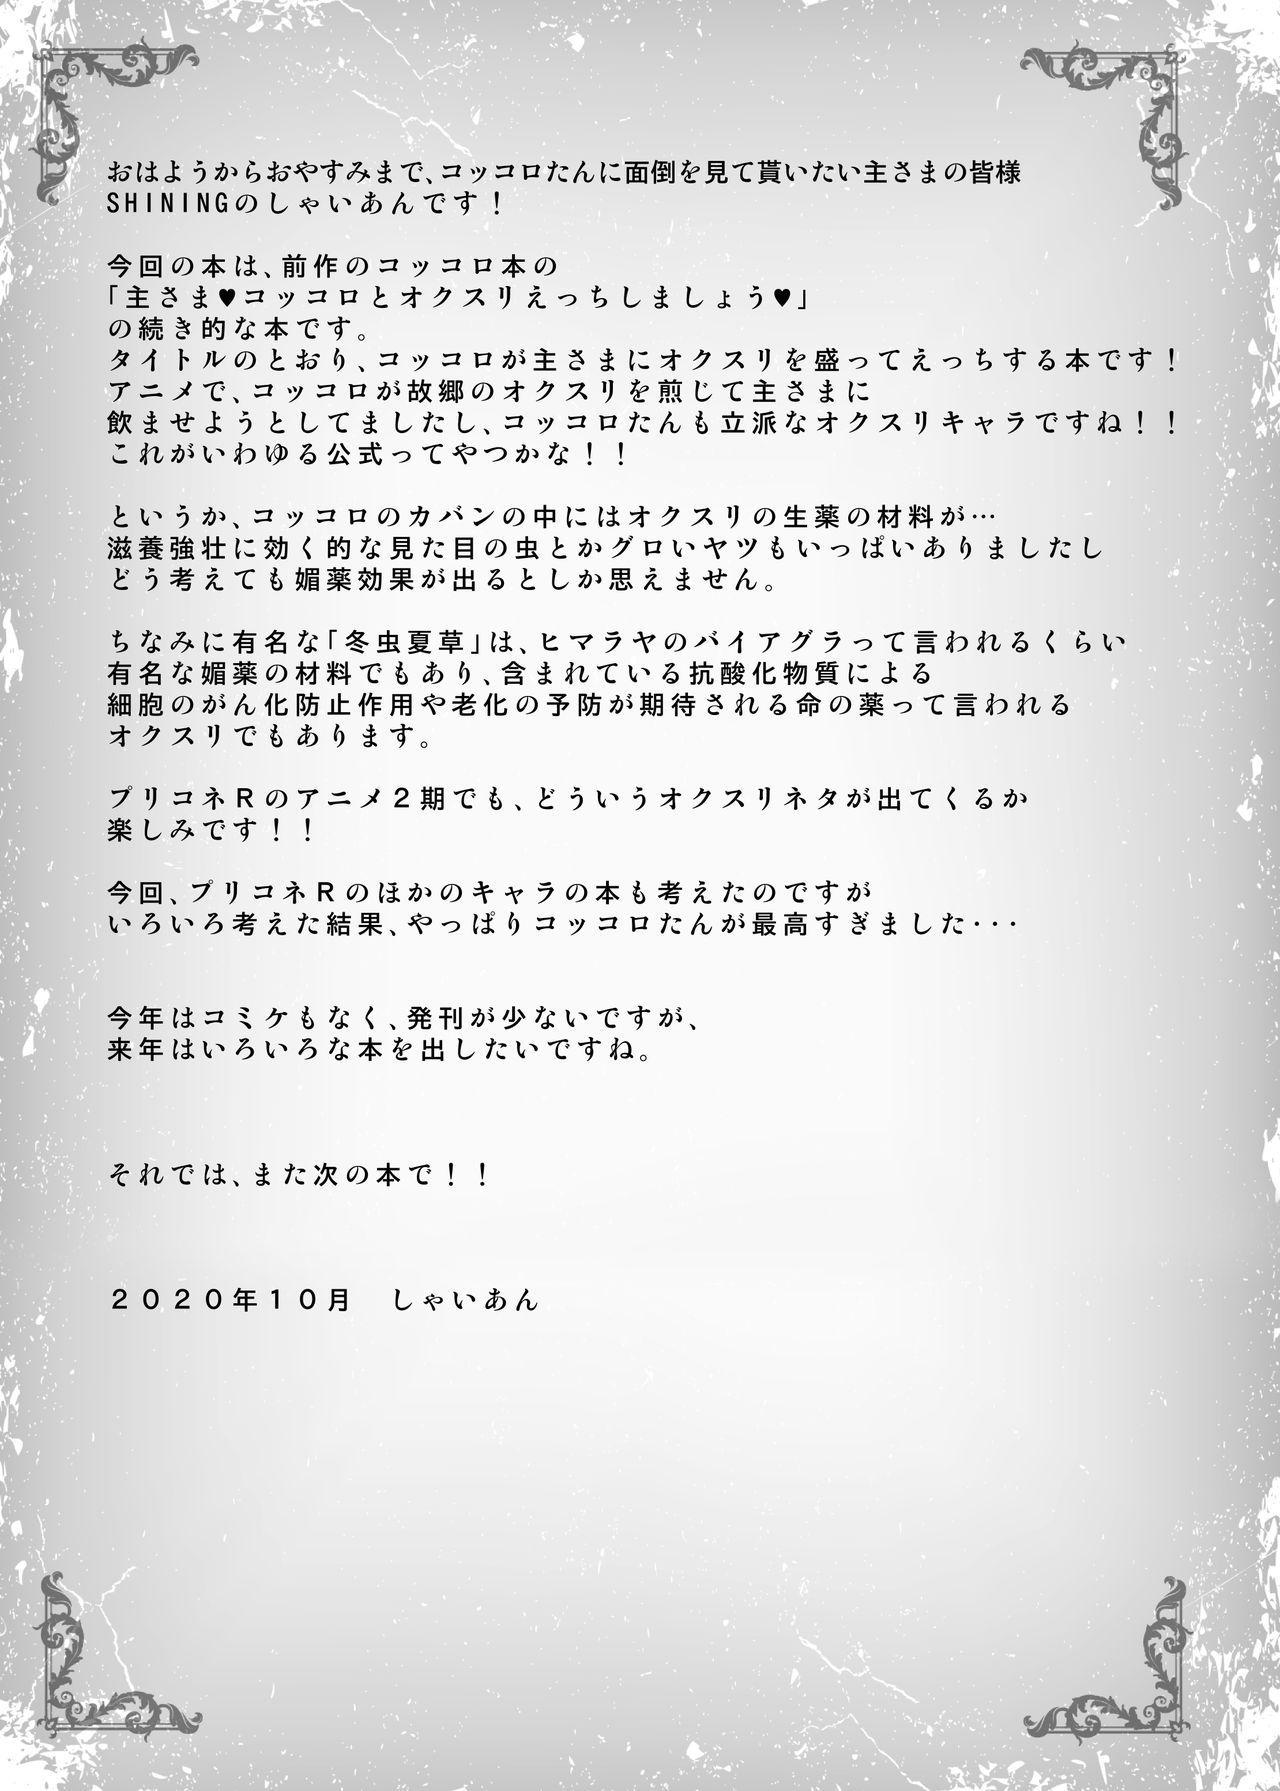 Kokkoro to Aruji-sama no Okusuri Ecchi Nisshi 20